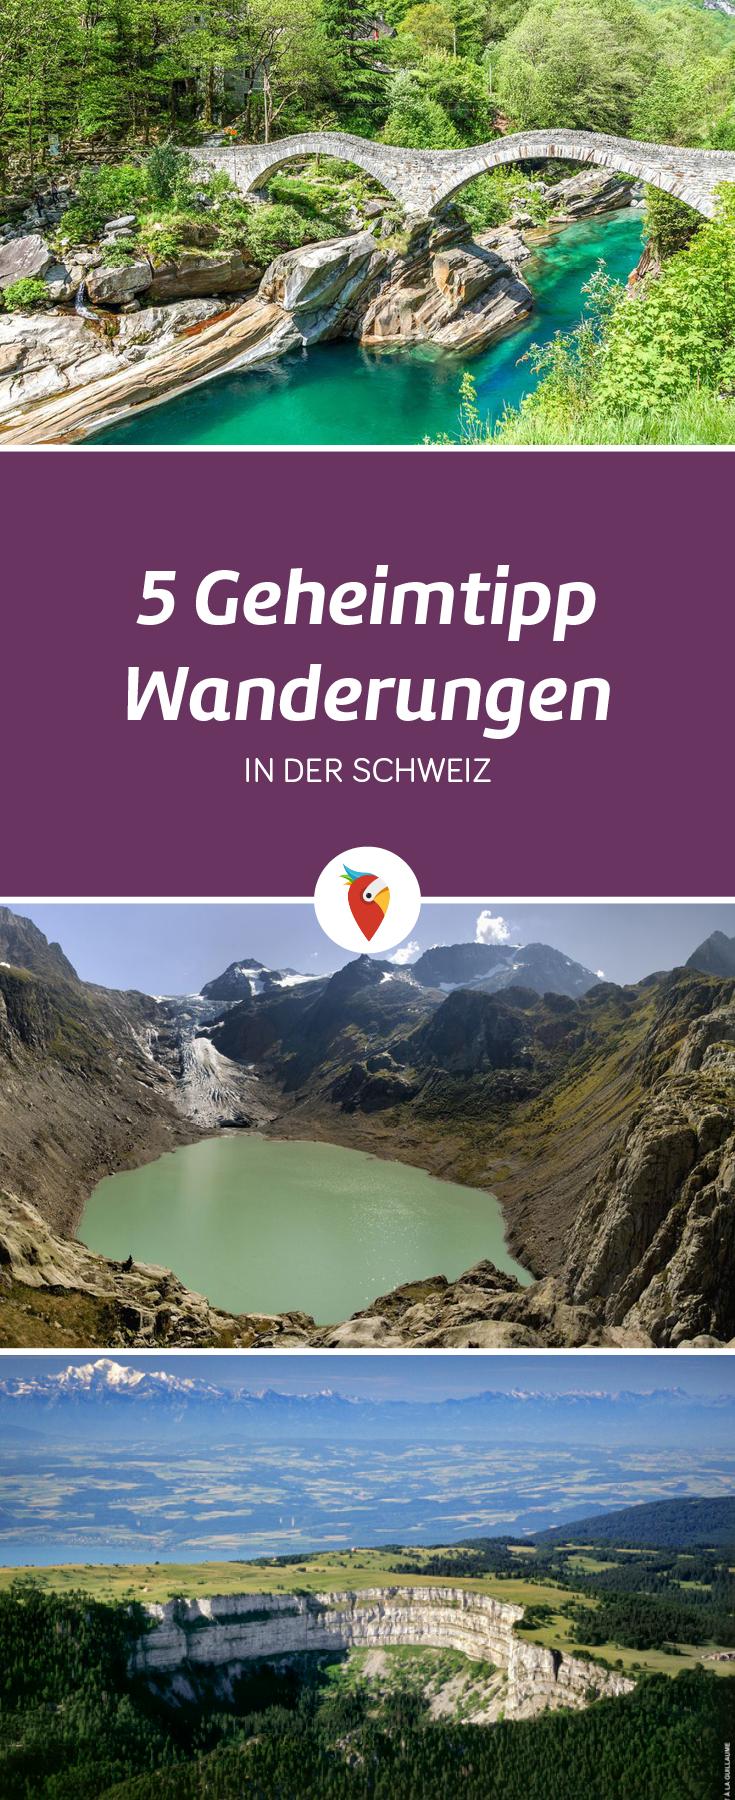 die f nf sch nsten geheimtipp wanderungen in der schweiz schweiz travel switzerland und. Black Bedroom Furniture Sets. Home Design Ideas